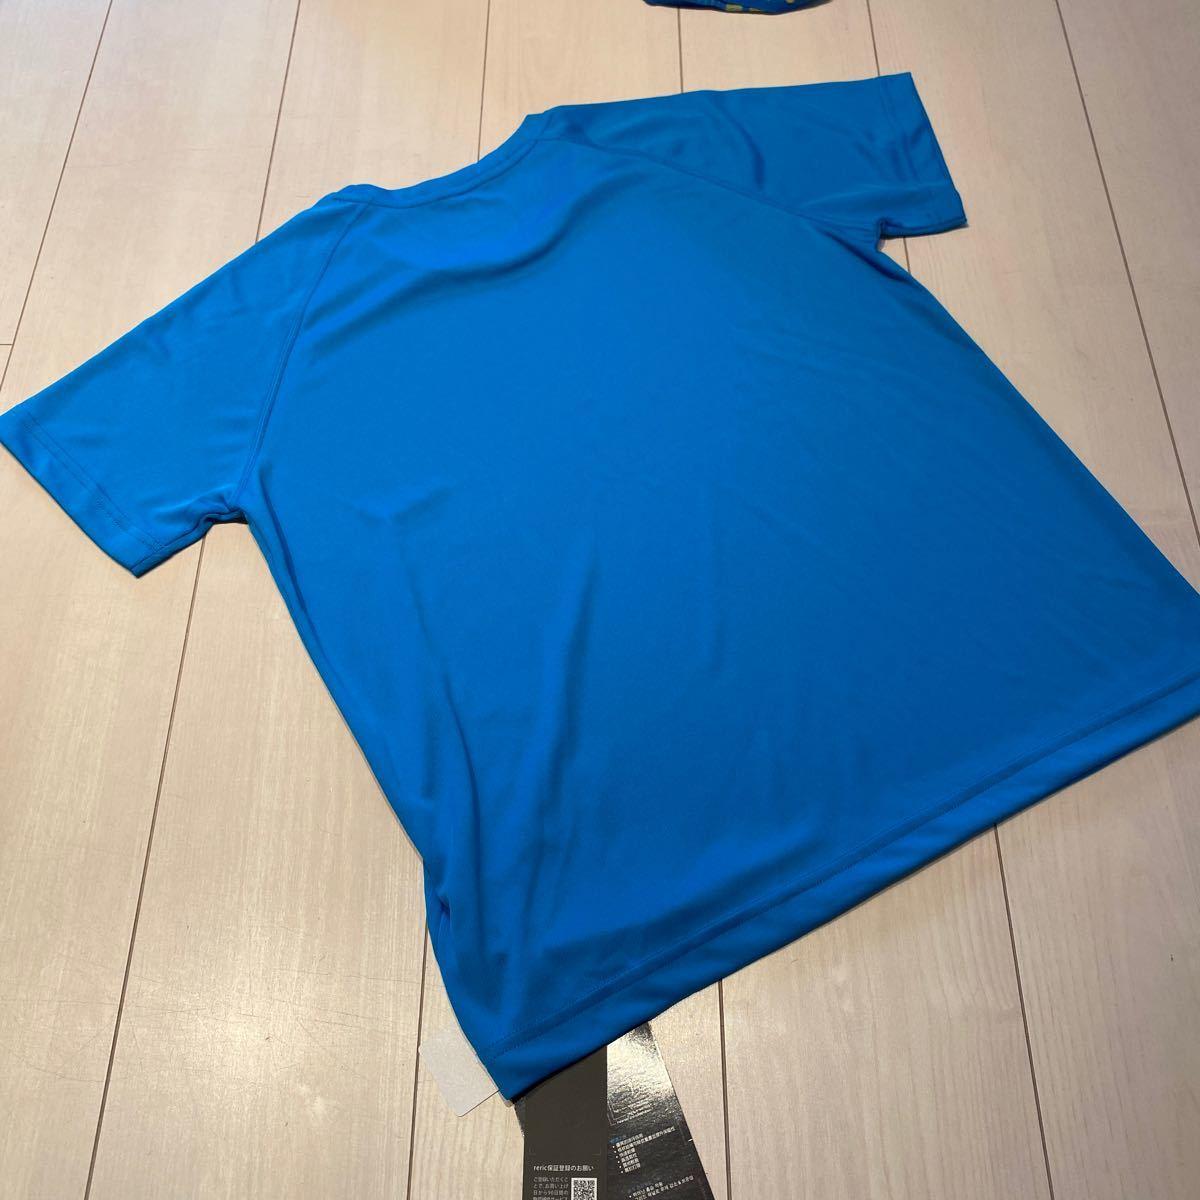 ランニングトップス Tシャツ ATLAS Tシャツ 新品 レリック reric